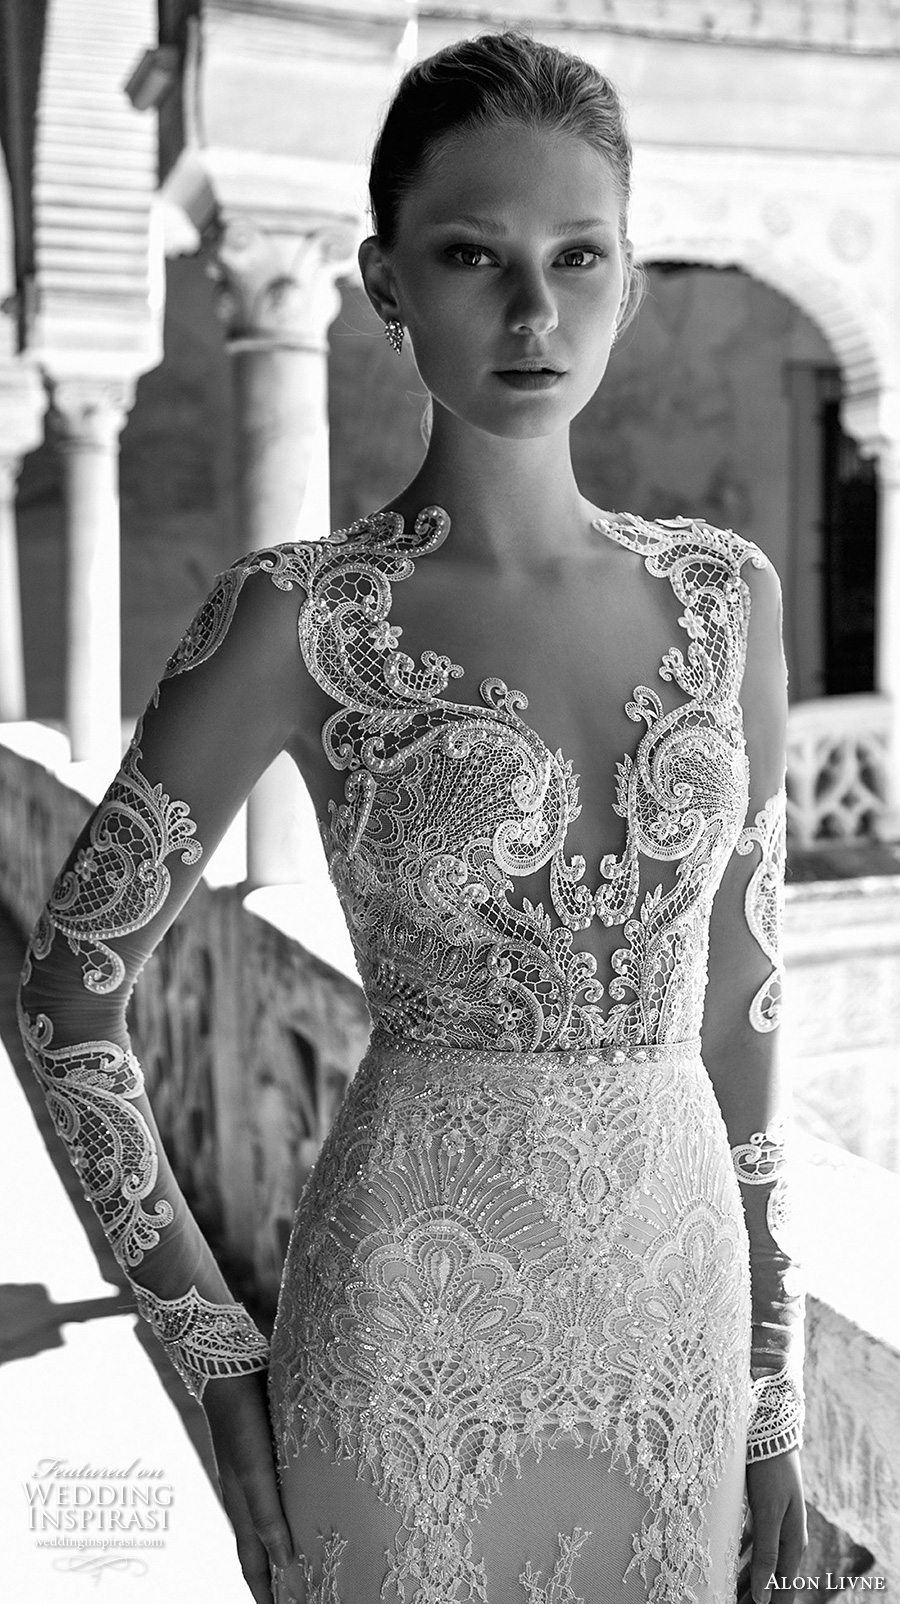 alon livne 2017 bridal long sleeves plunging sweetheart neckline full embroidered elegant glamorous sheath wedding dress keyhole back sweep train (caroline) zv